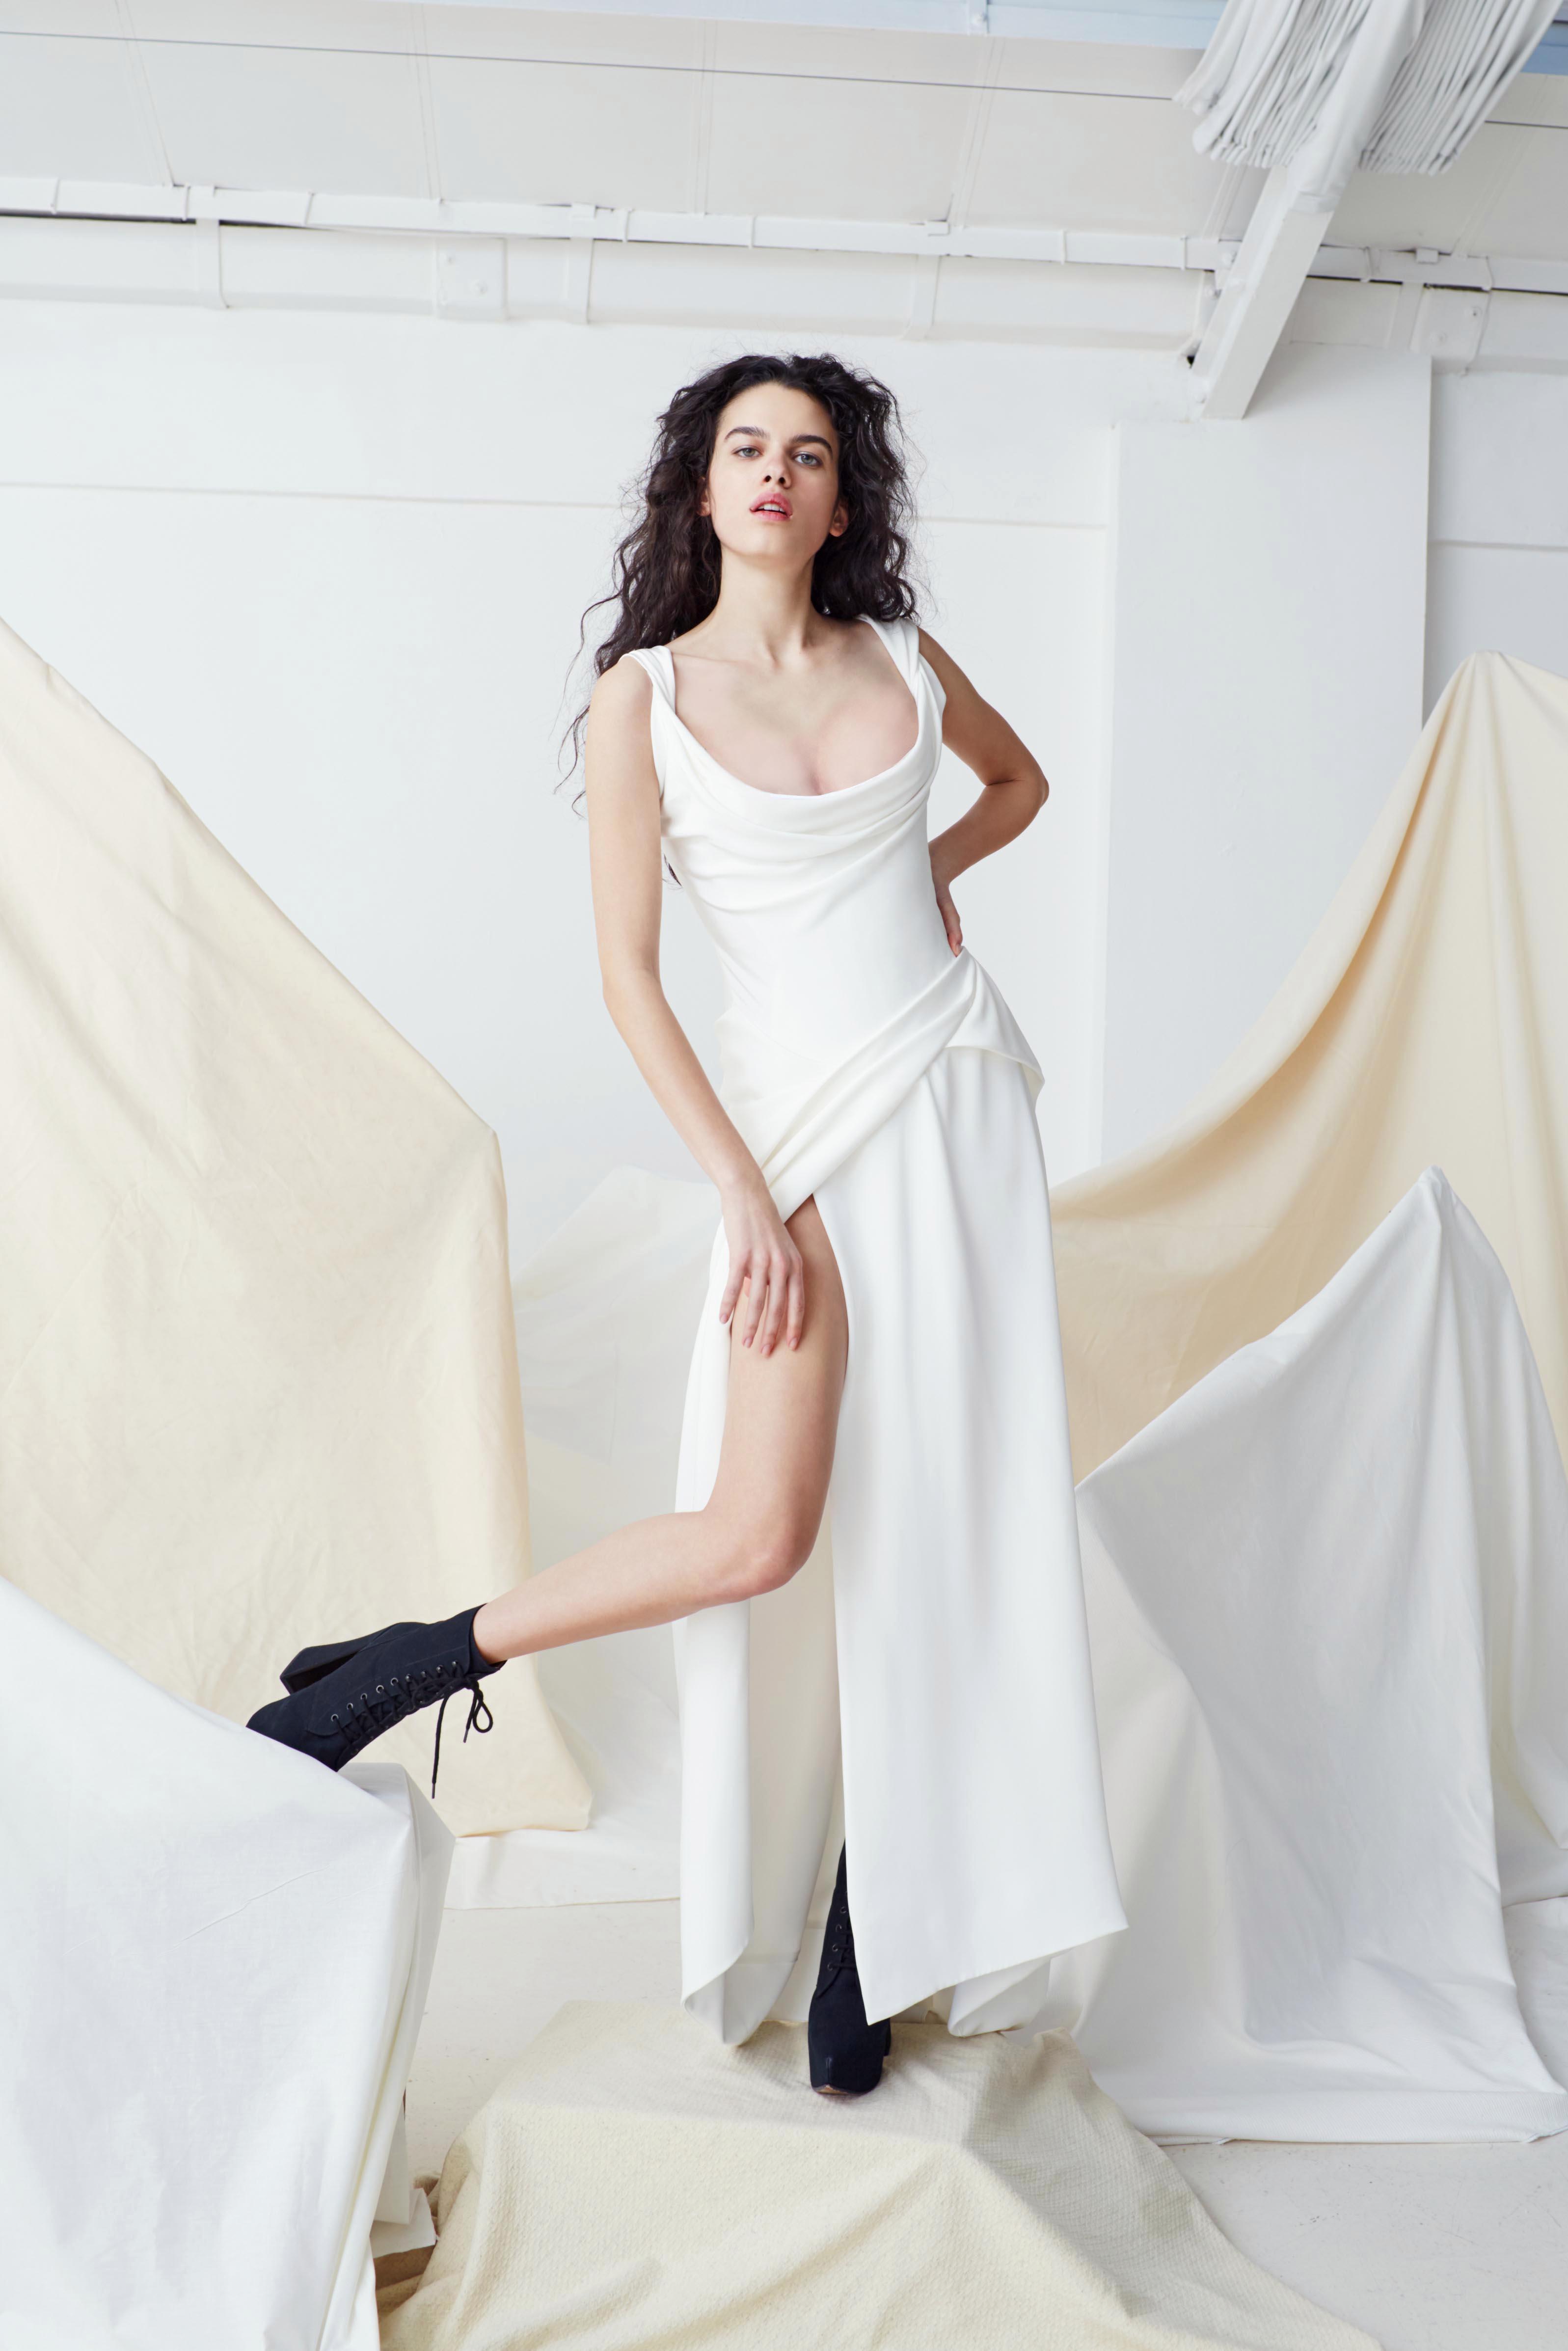 vivienne westwood wedding dress Spring 2019 a-line scoop neck high slit